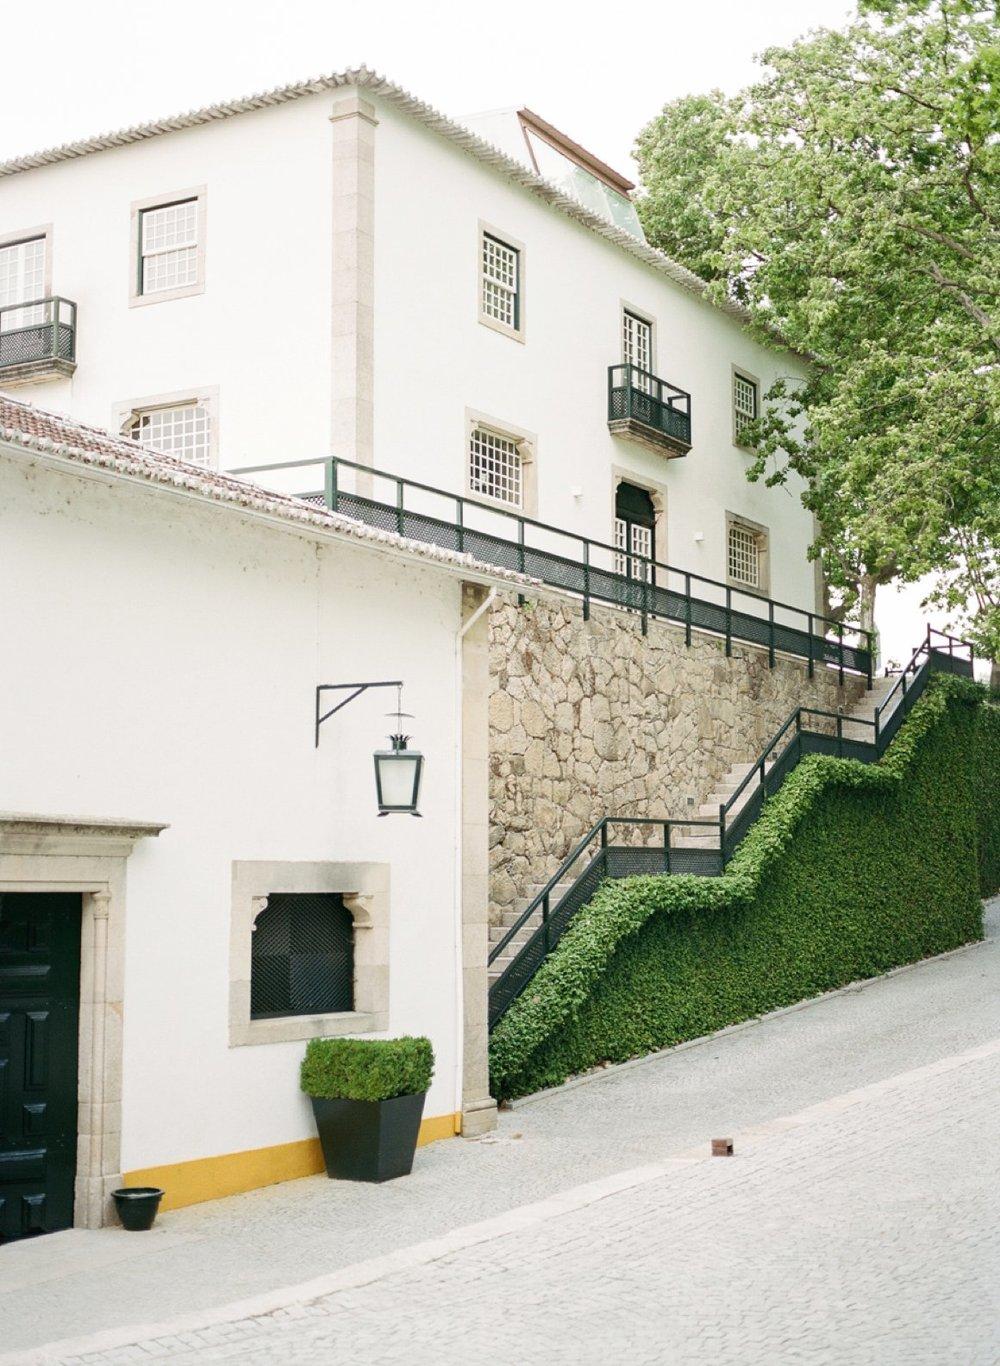 coco-lane-Portugal_0103.jpg